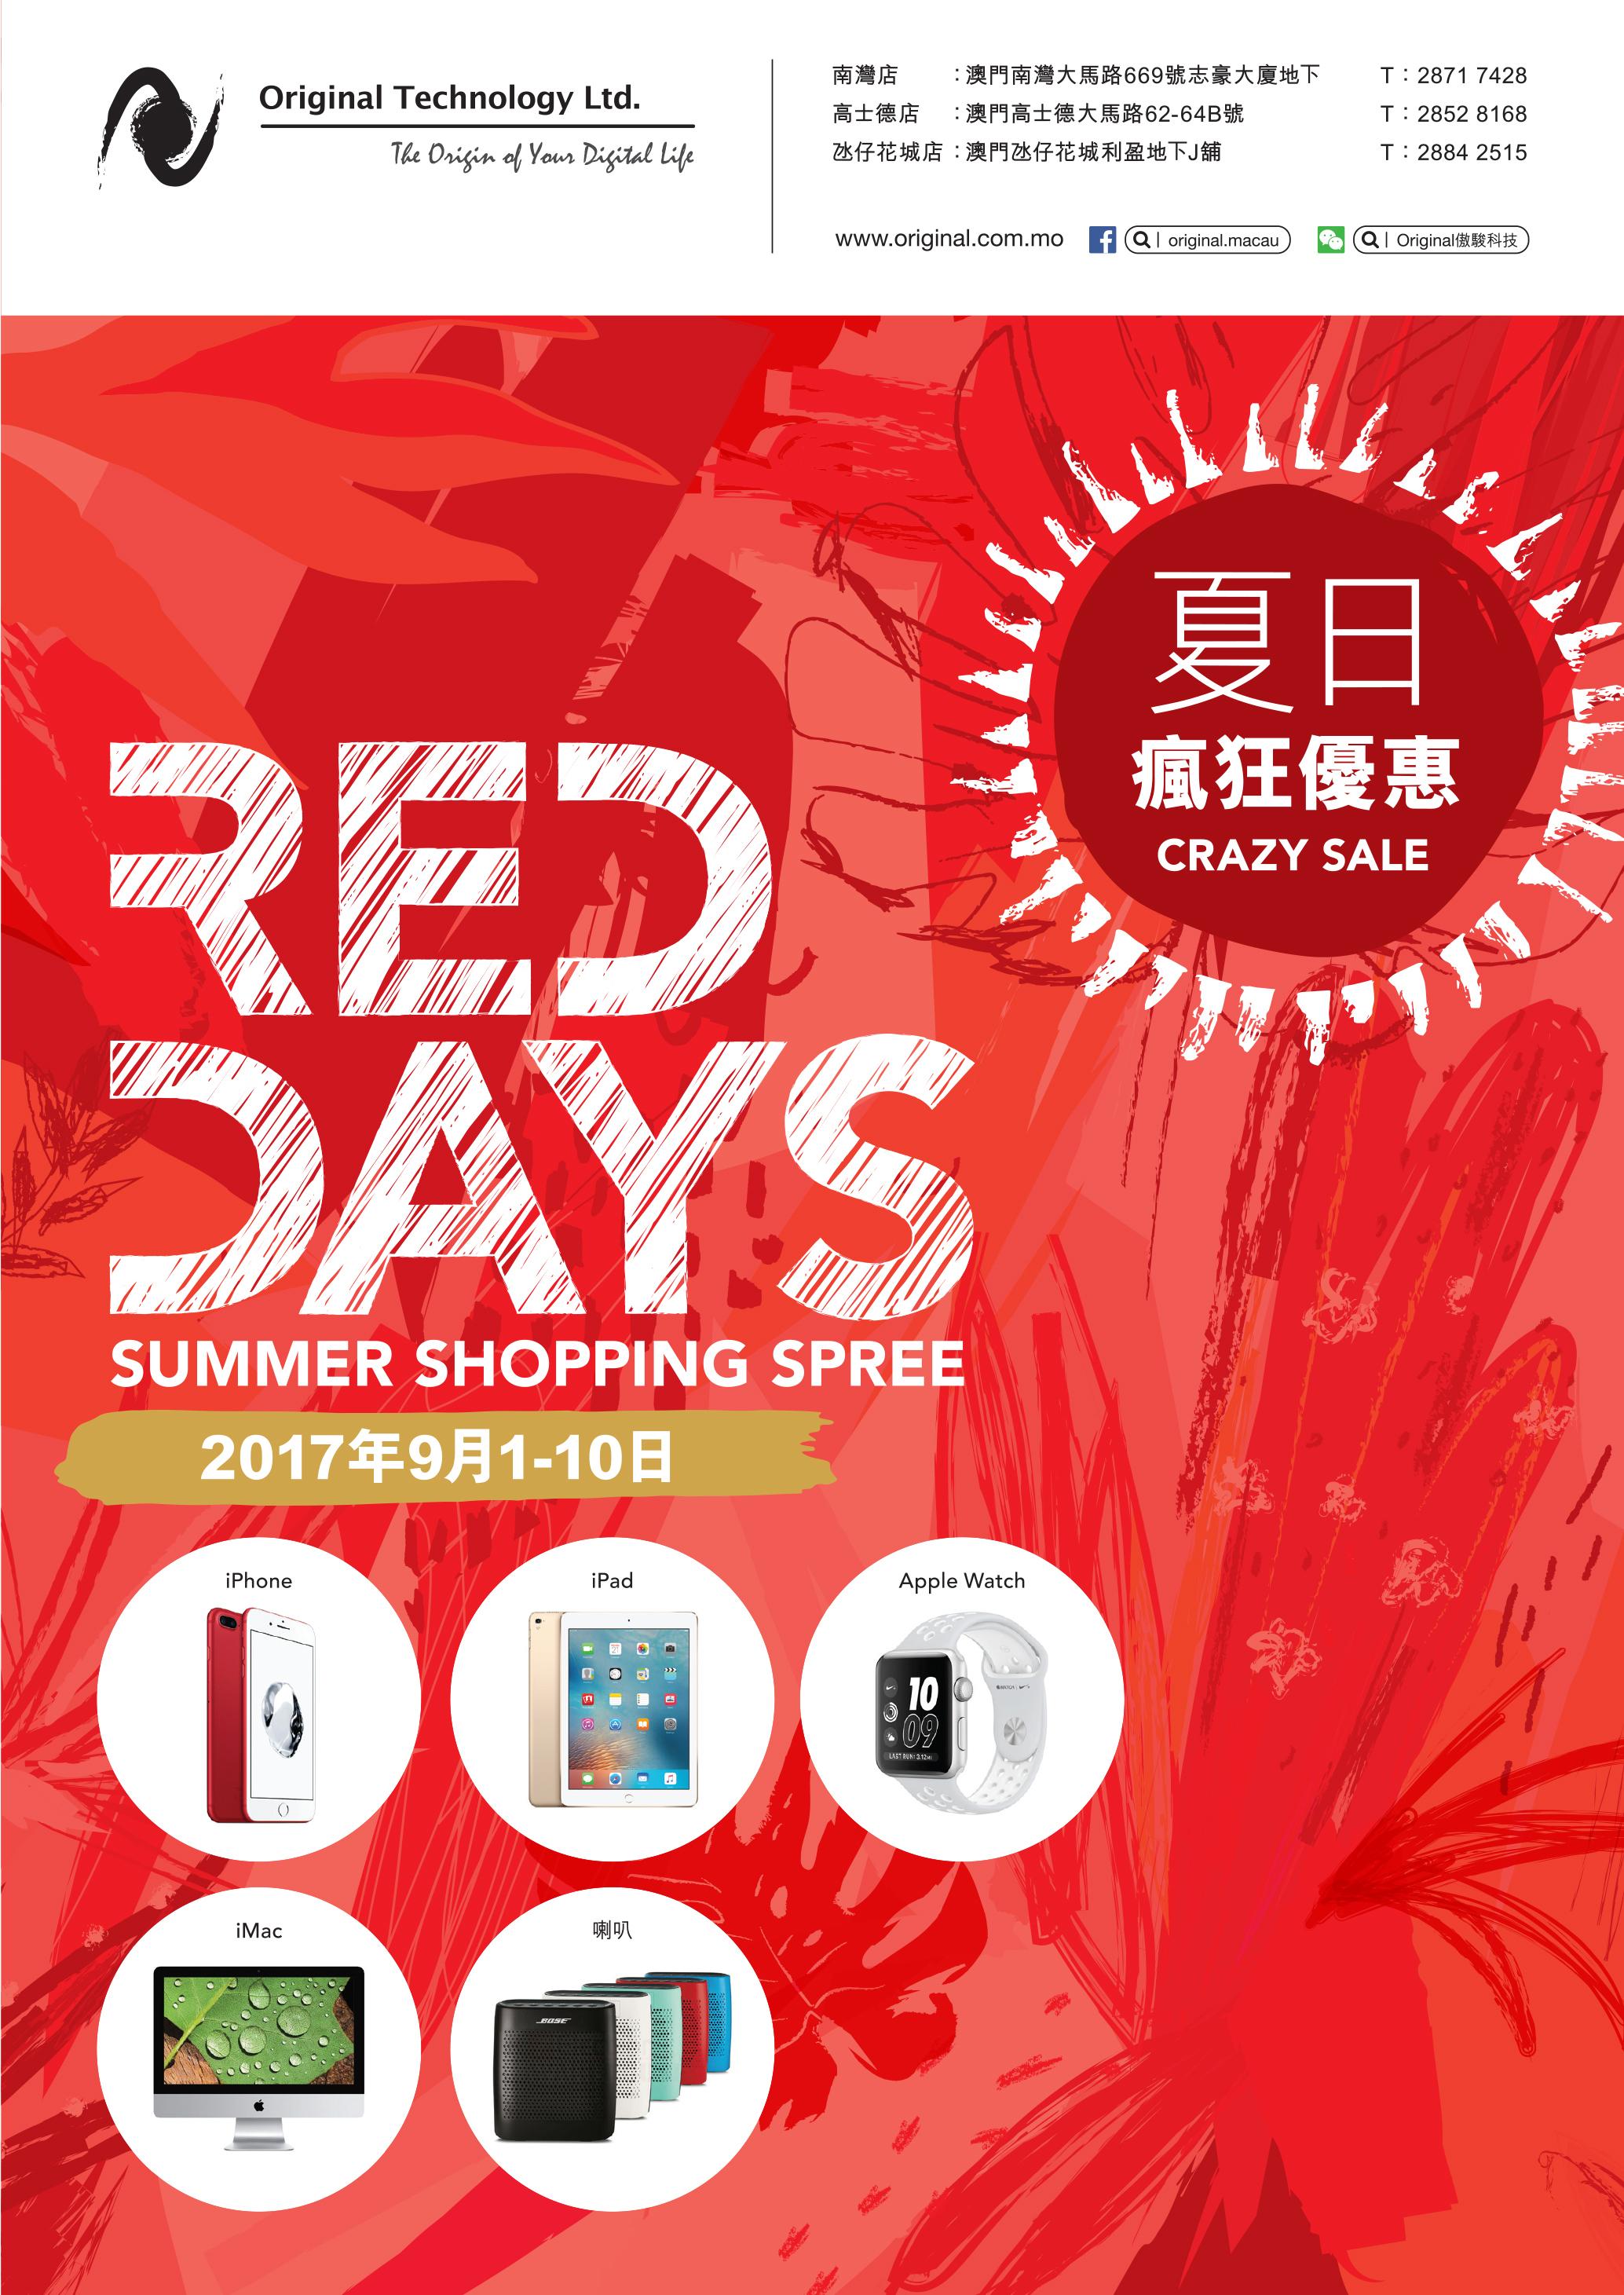 Red_Days_2017_Summer_A4-Leaflet_O_01.jpg